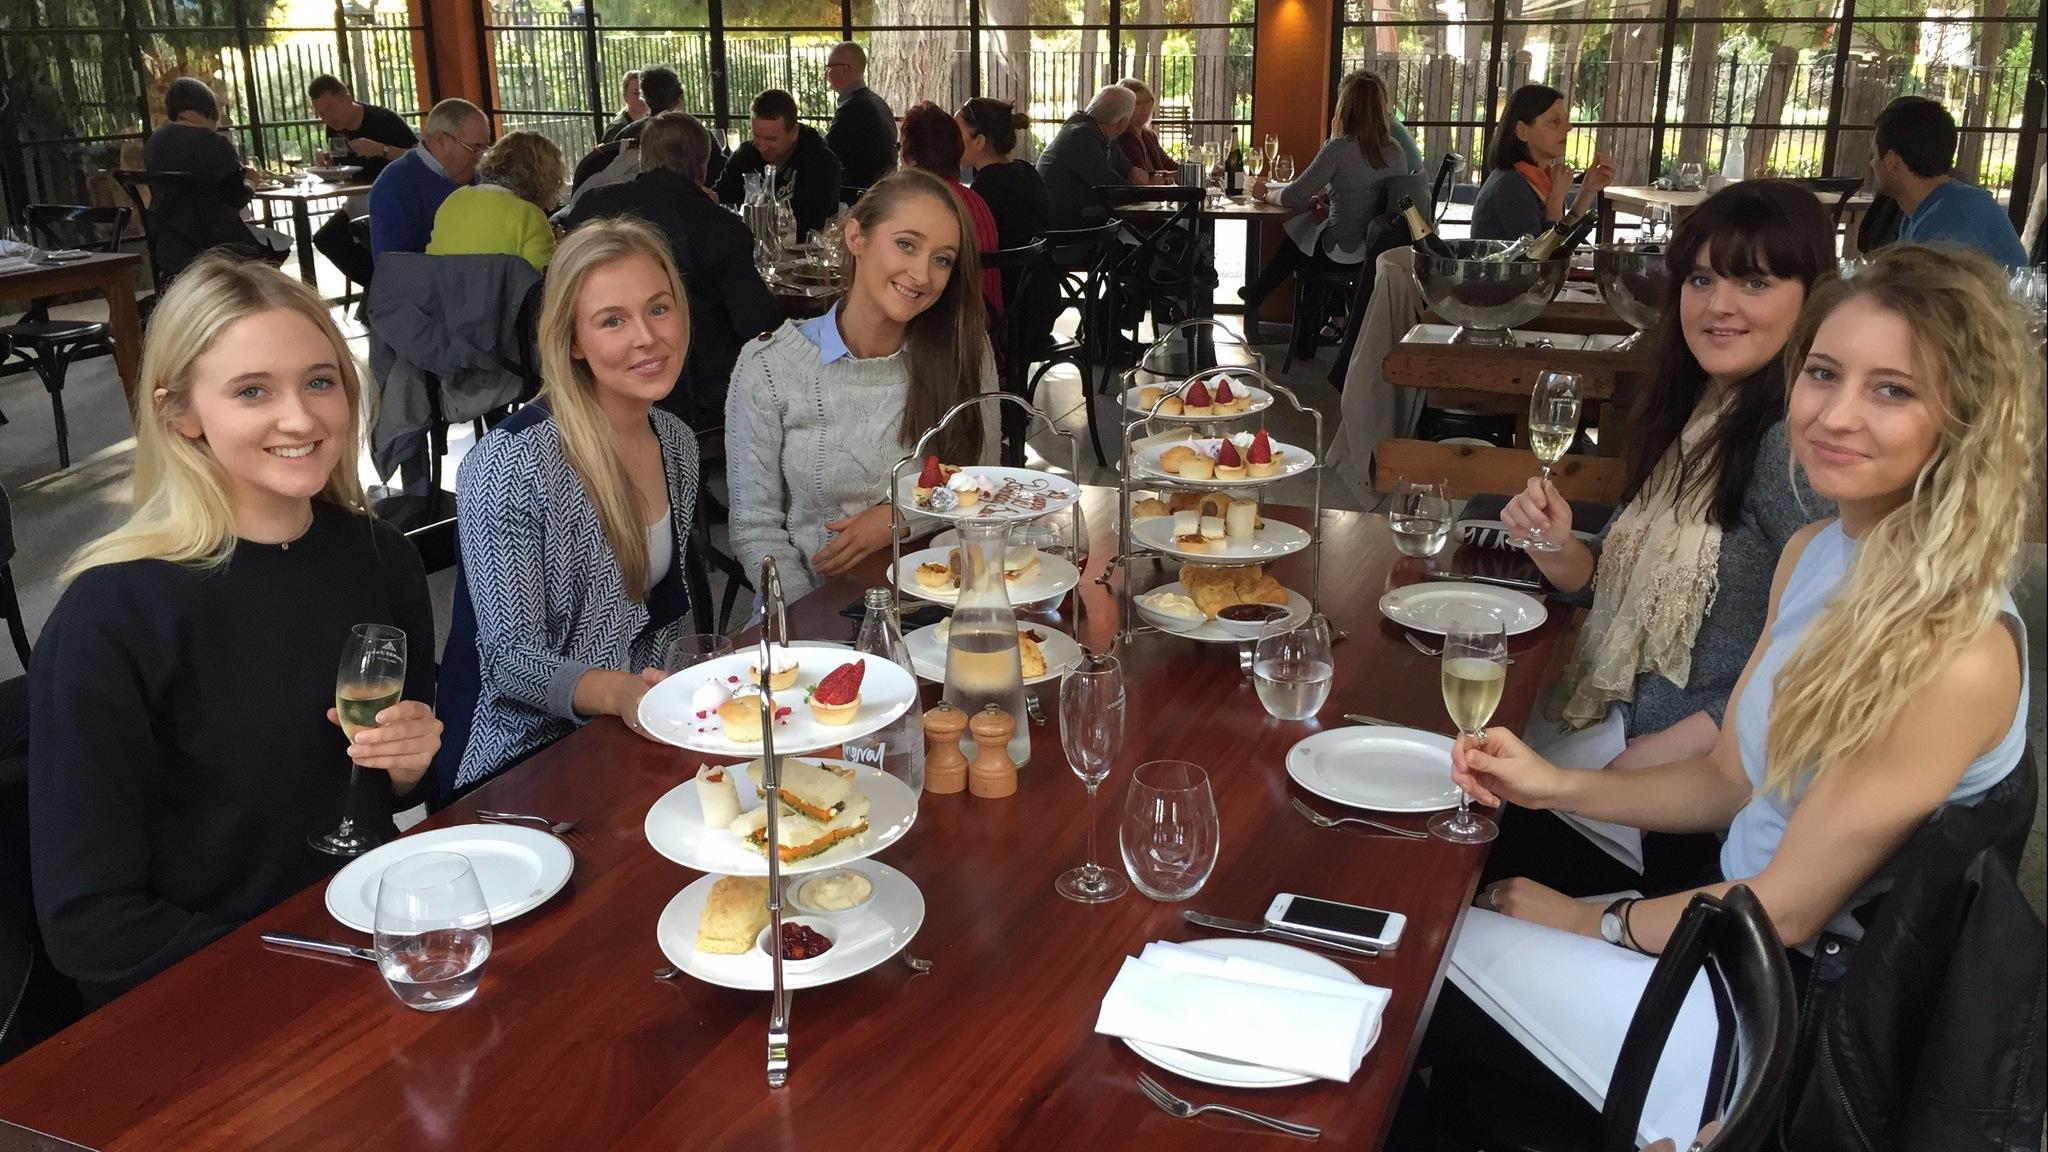 Ladies enjoying High Tea